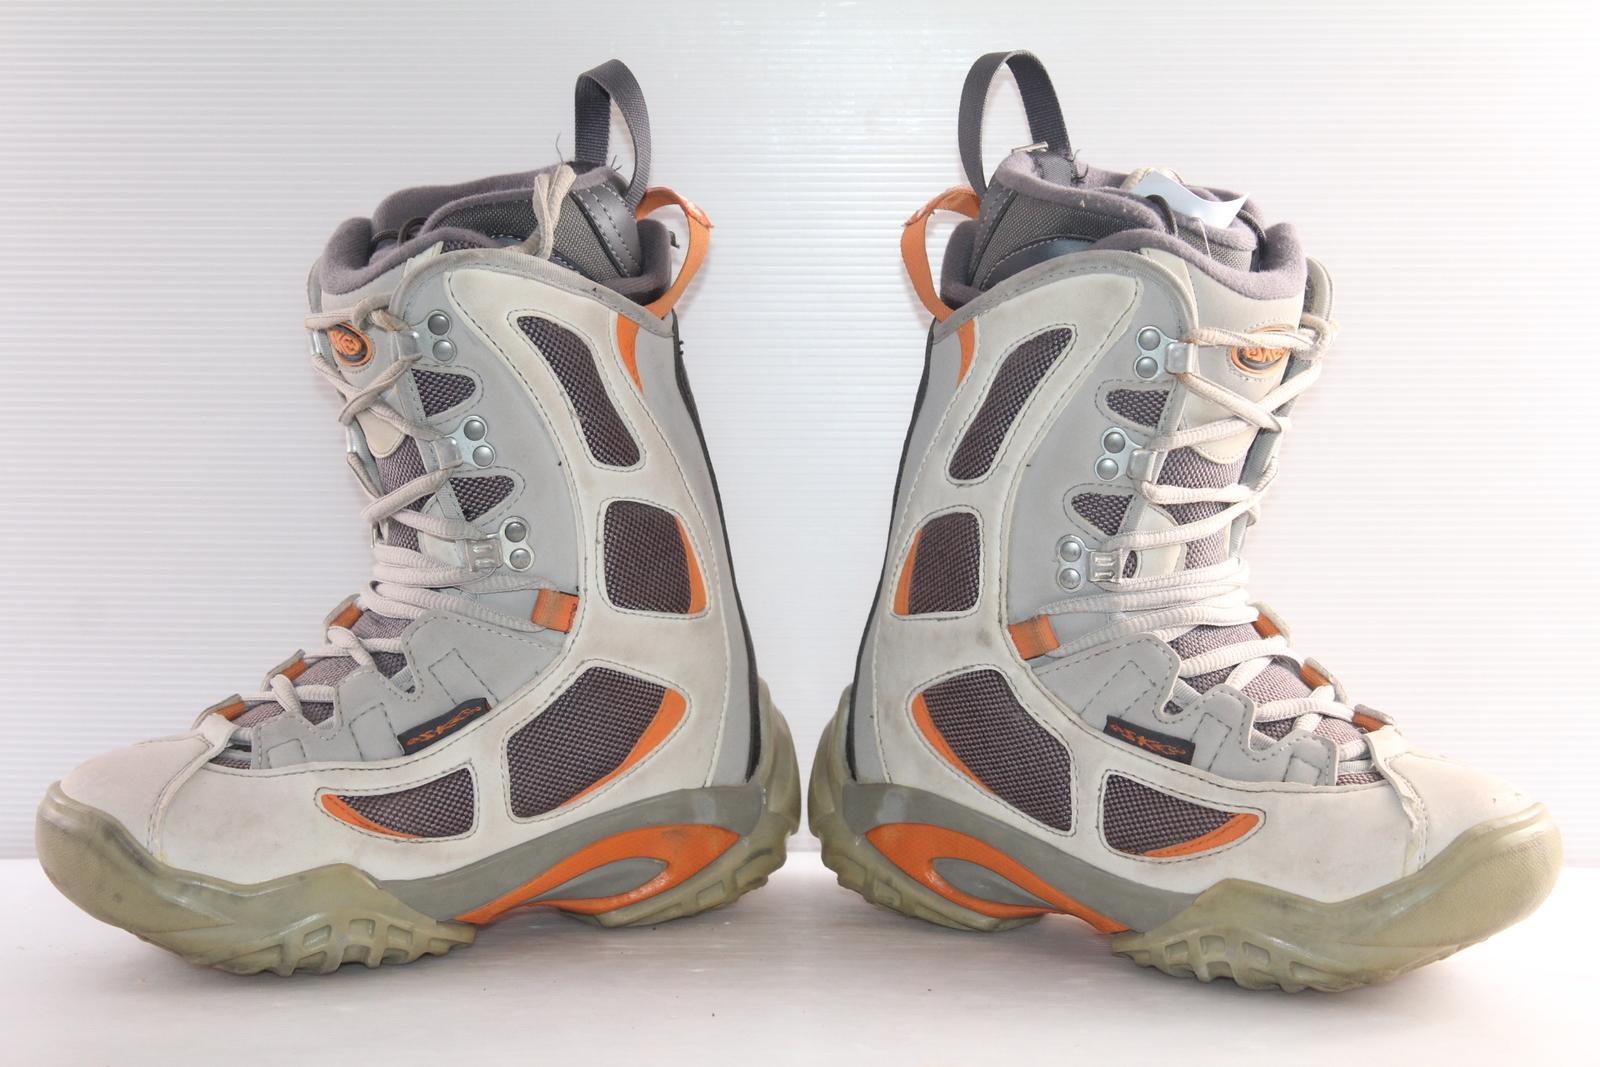 Dětské snowboardové boty Askew  vel.36.5